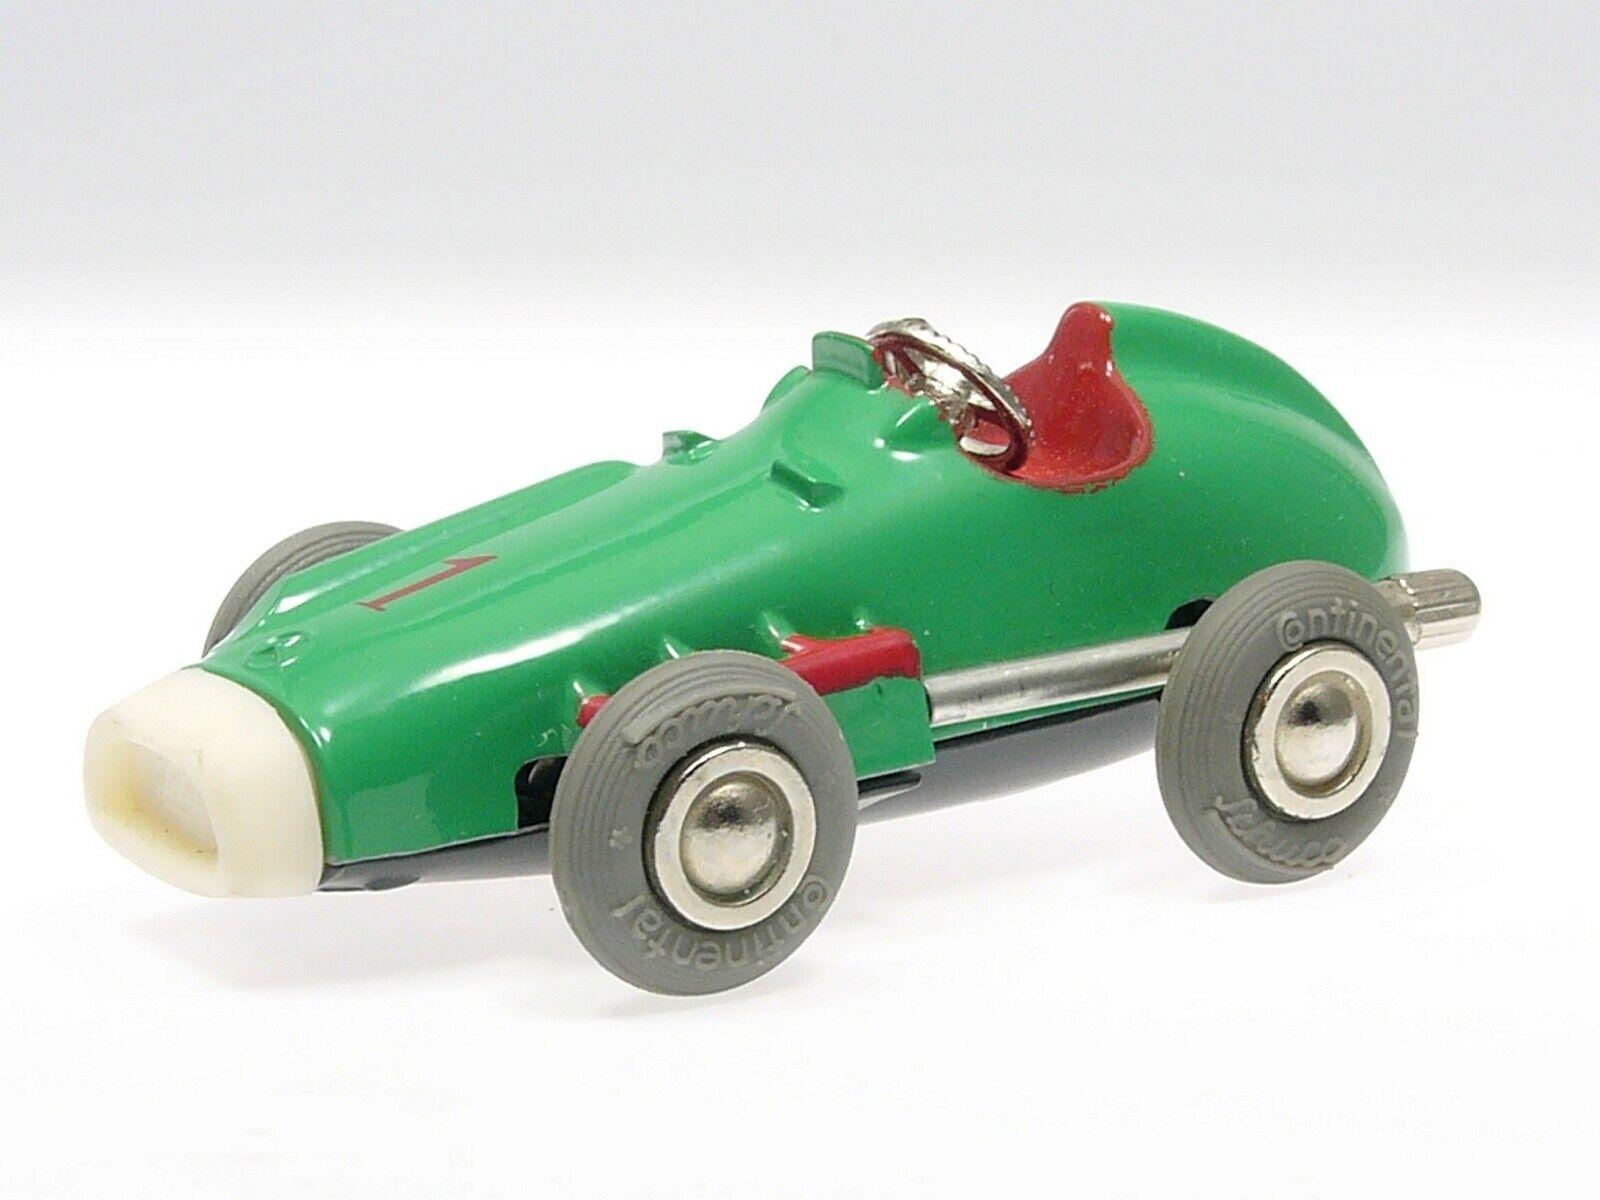 la migliore offerta del negozio online Schuco MICRO-RACER MERCEDES 2.5 2.5 2.5 L verde   162  vendite calde